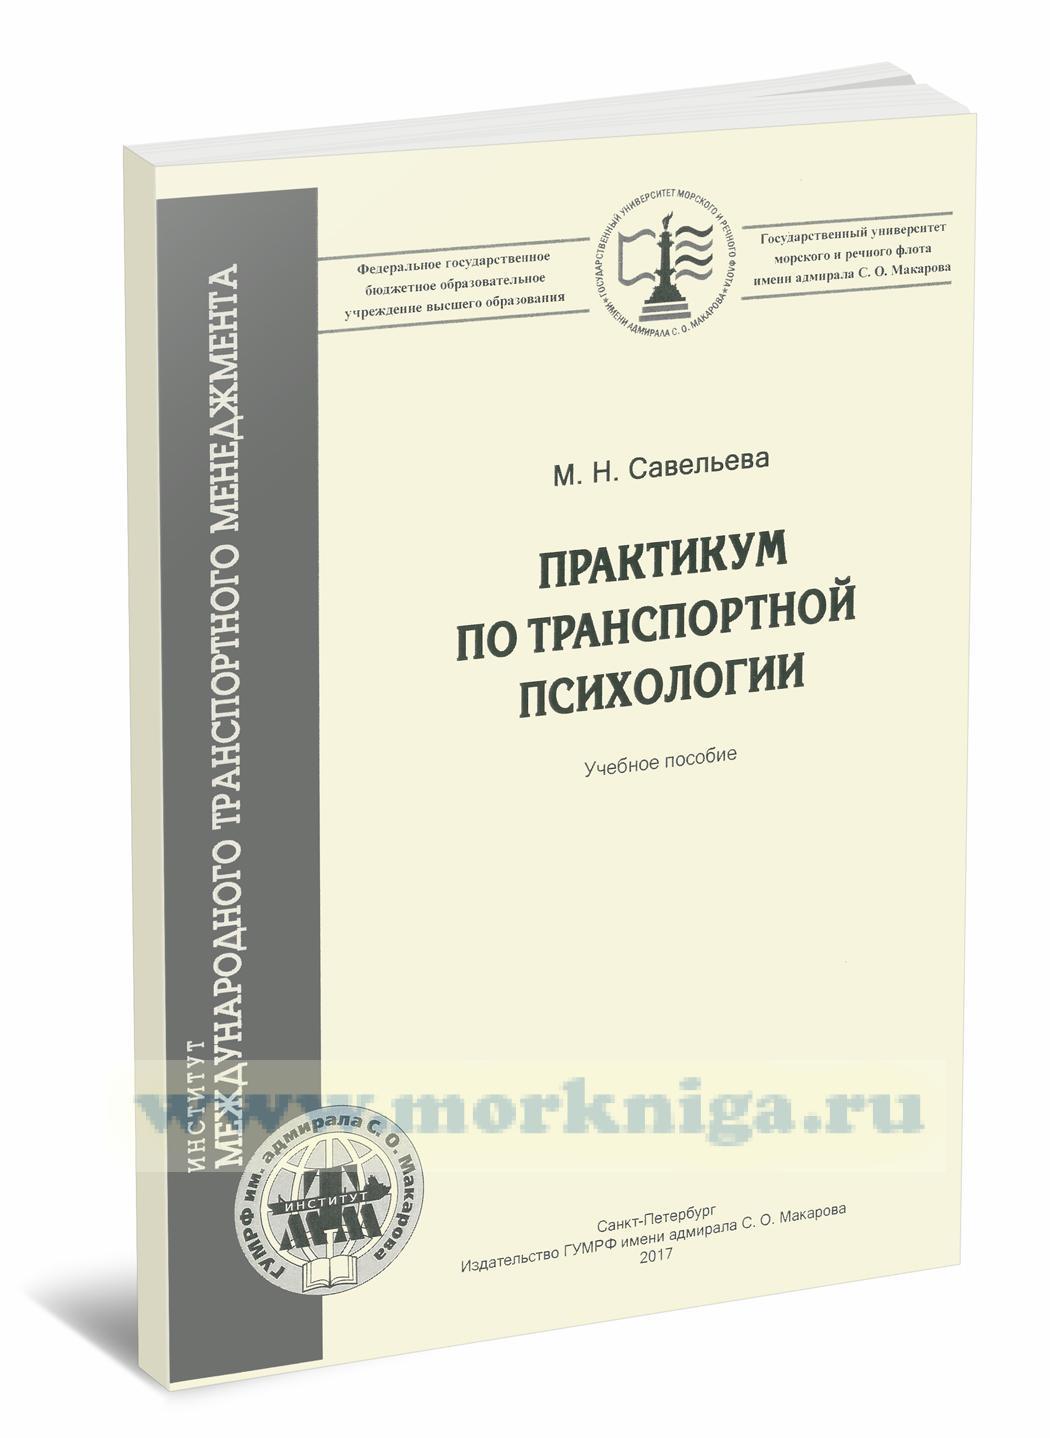 Практикум по транспортной психологии: учебное пособие